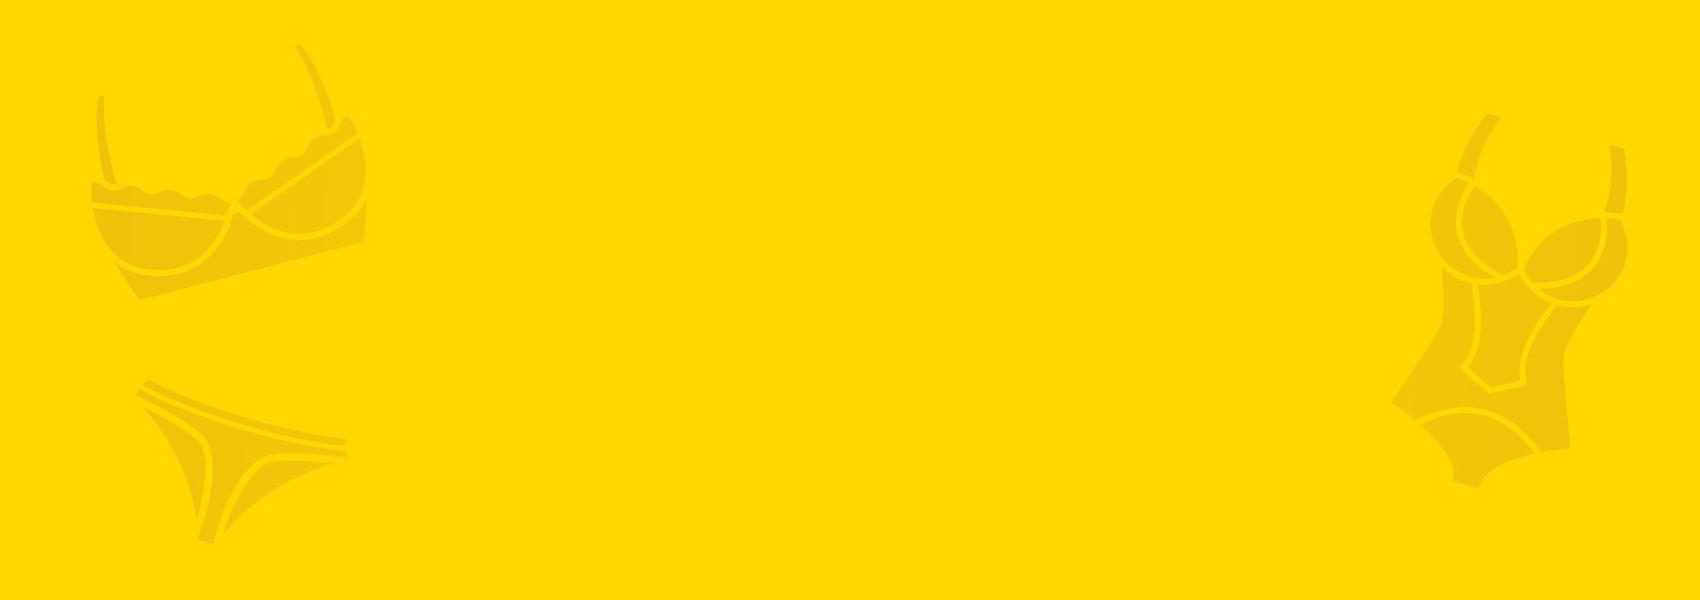 W17-Lingerie-OUTLET-UT-70-Off-Uber-850x500